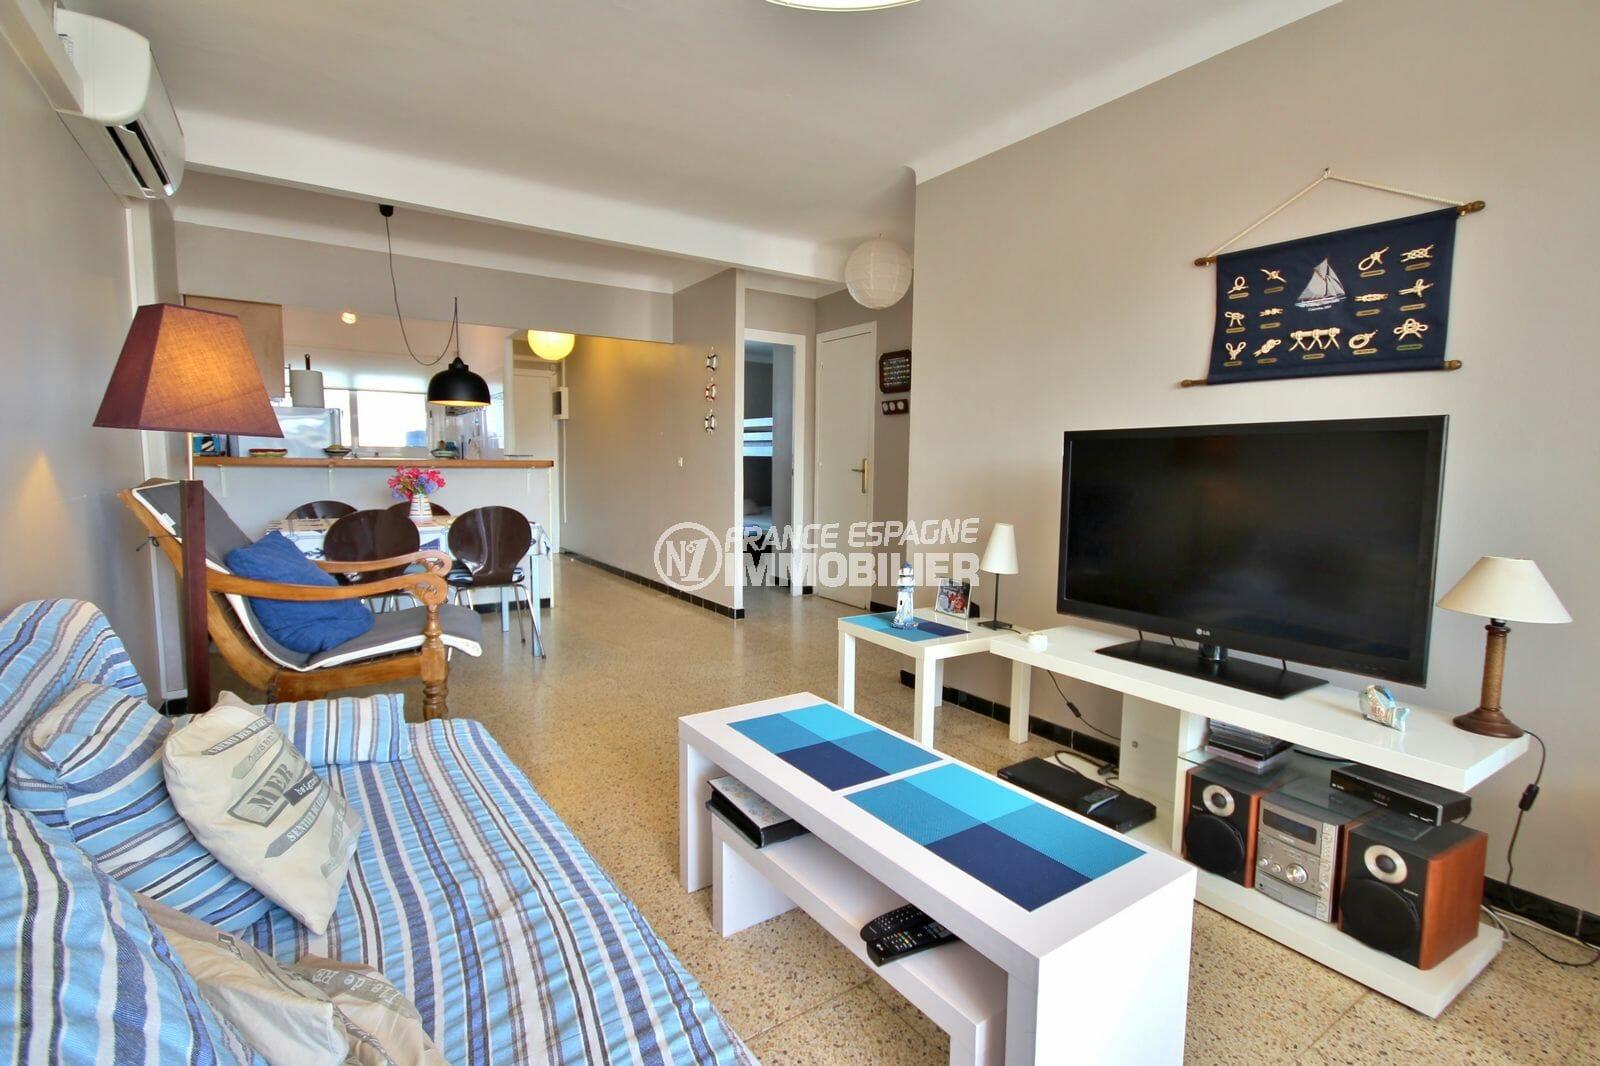 appartement a vendre empuriabrava, parking, salon / séjour avec cuisine ouvertre